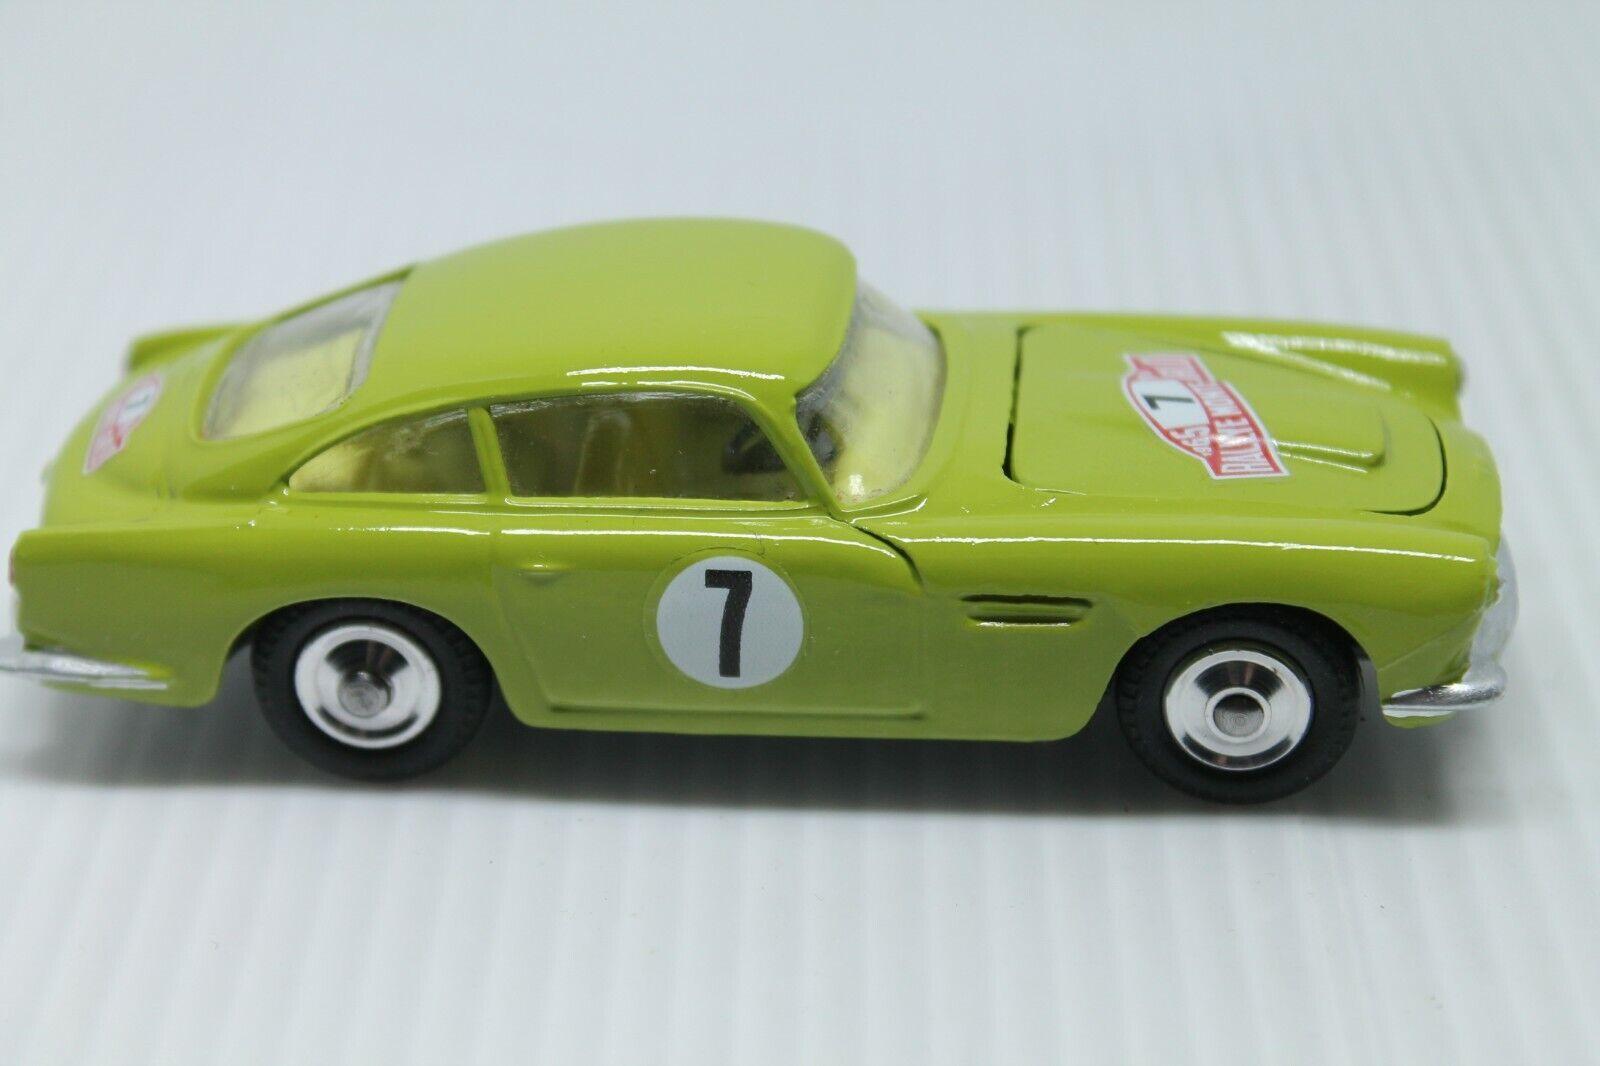 con il 60% di sconto CORGI giocattoli    Aston Martin db4  1 43  PEZZO UNICO  Rtuttiy Monte autolo  garantito